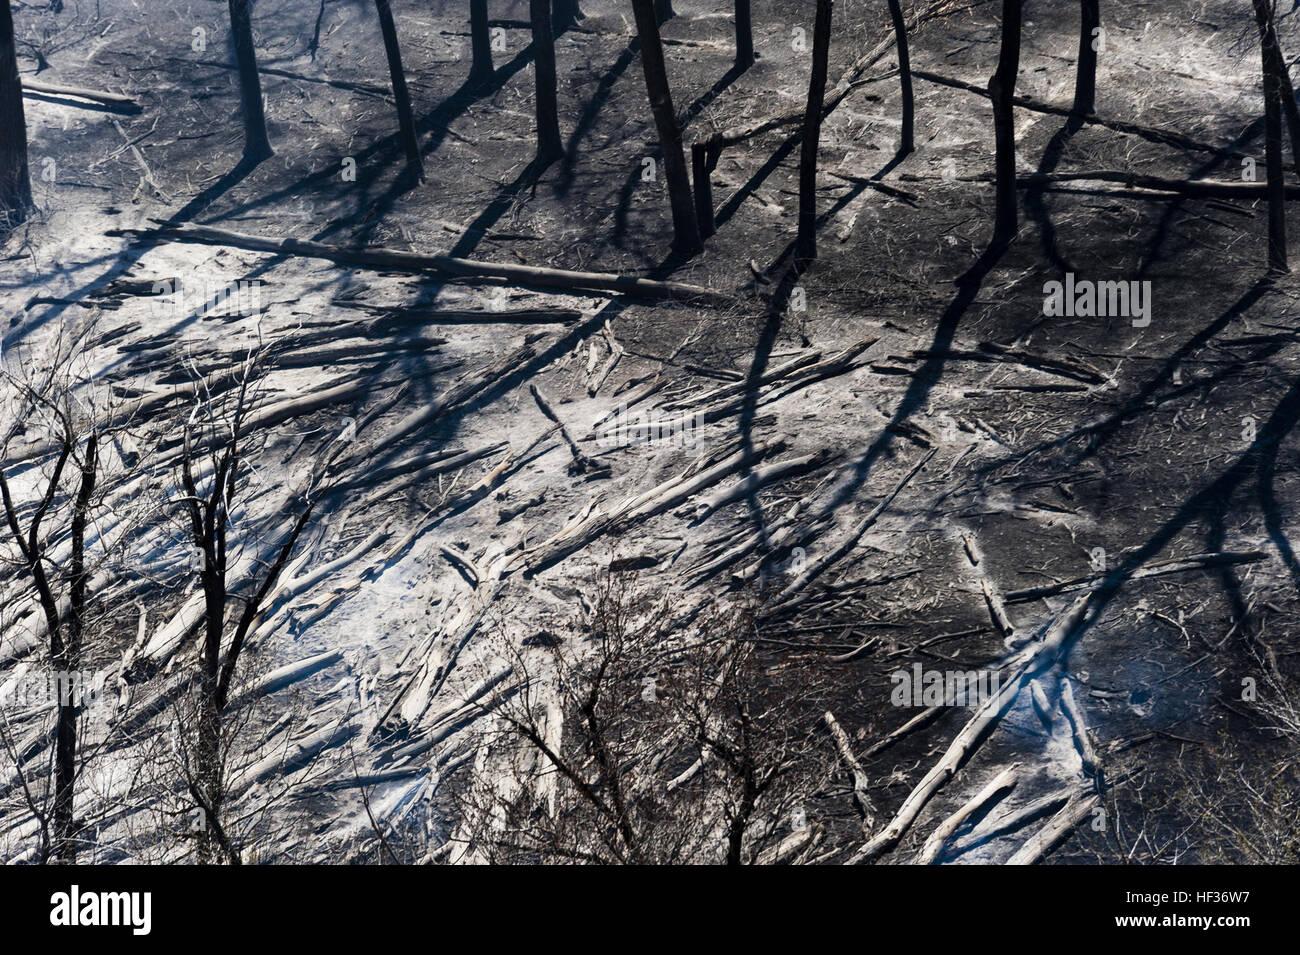 Proprietà Cenere Di Legna il giorno dopo un incendio di grandi dimensioni ha